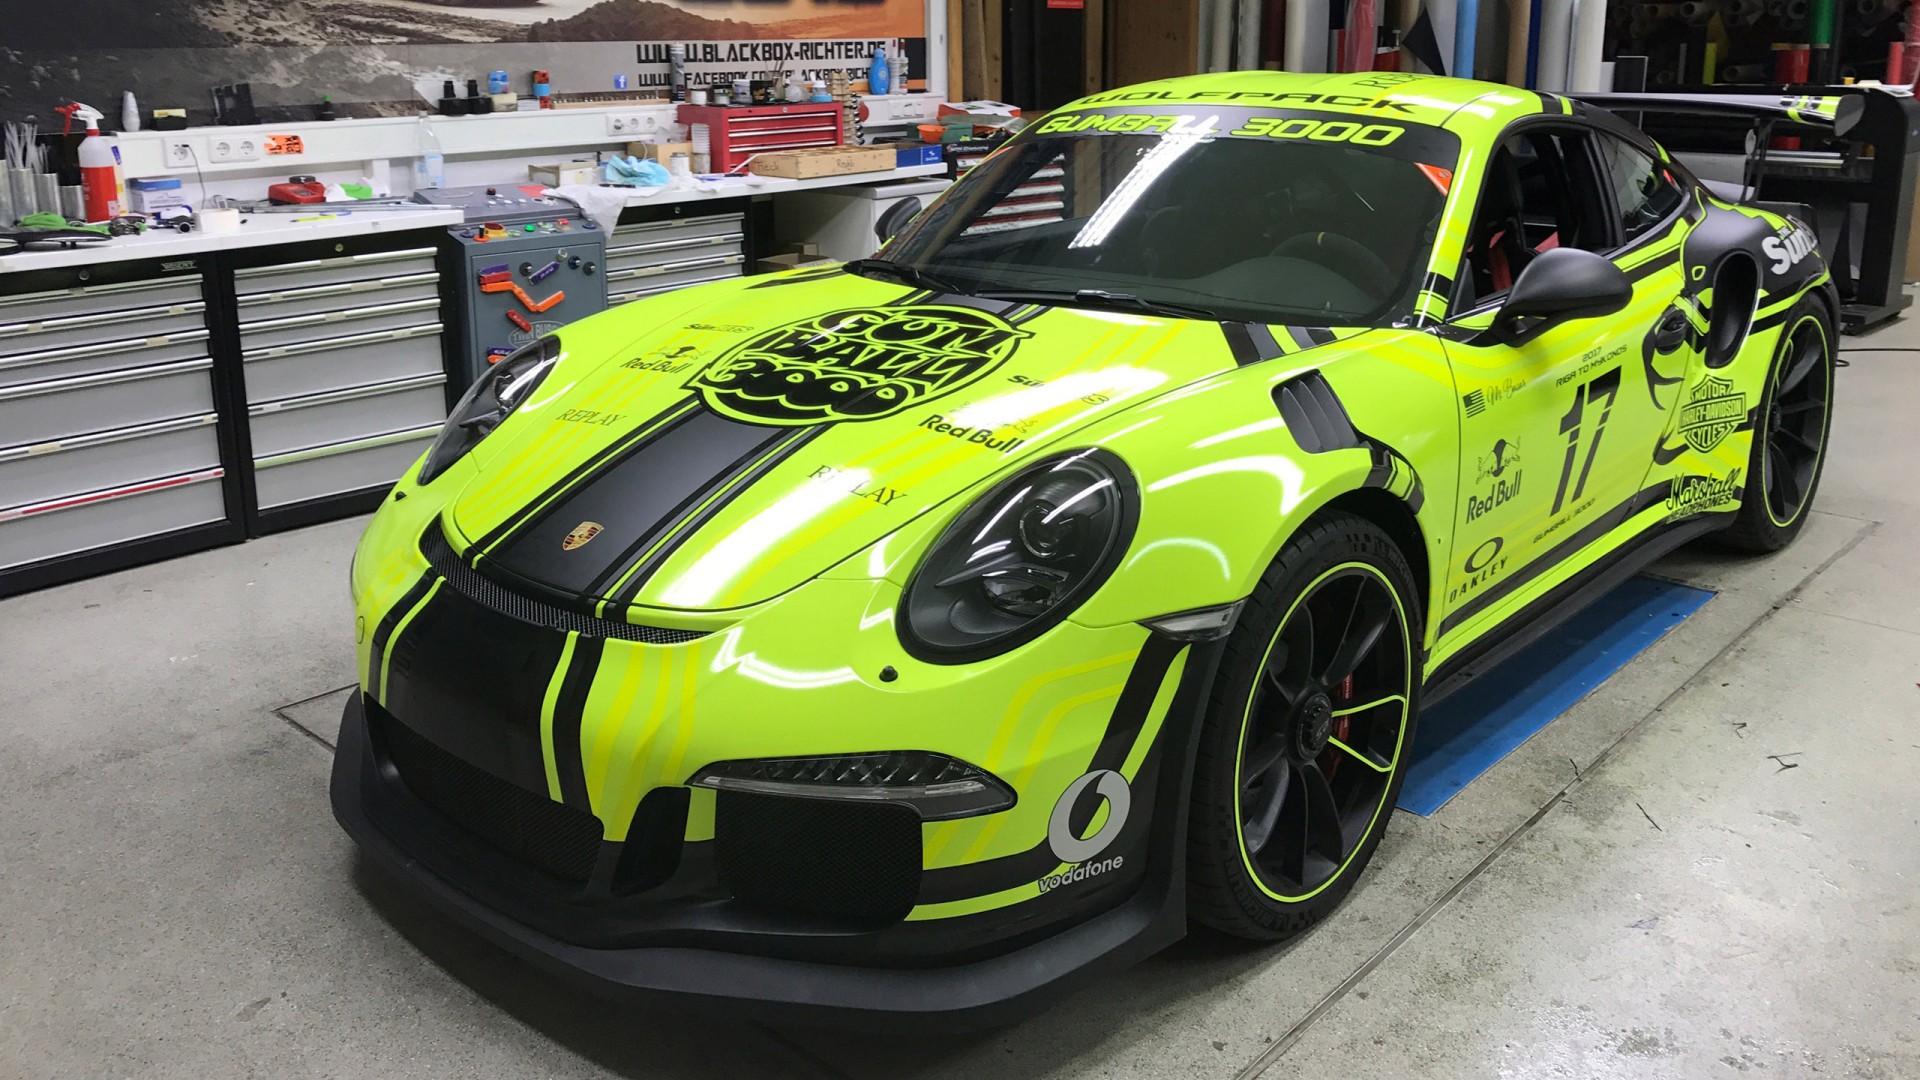 Gumball Cars Wallpapers 2017 Black Box Porsche 911 Gt3 Rs Wallpaper Hd Car